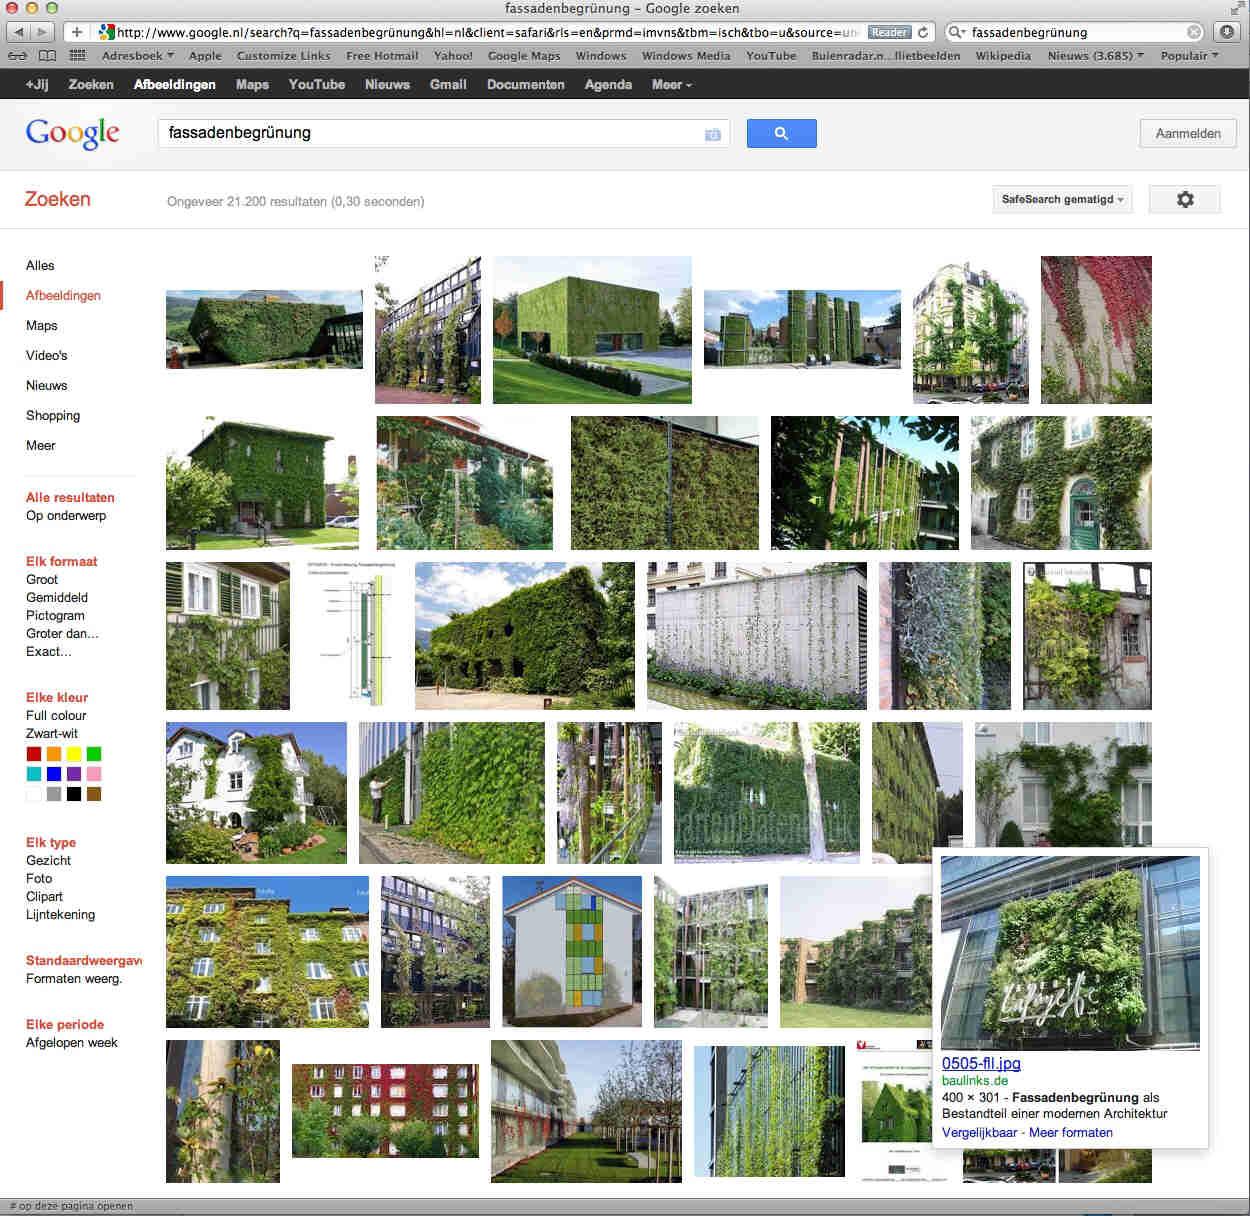 Op zoek naar referentiebeelden van groene gevels. Aangezien men daar in Duits talige gebieden veel verder mee is, is er gezocht onder het trefwoord 'fassadenbegrünung'.